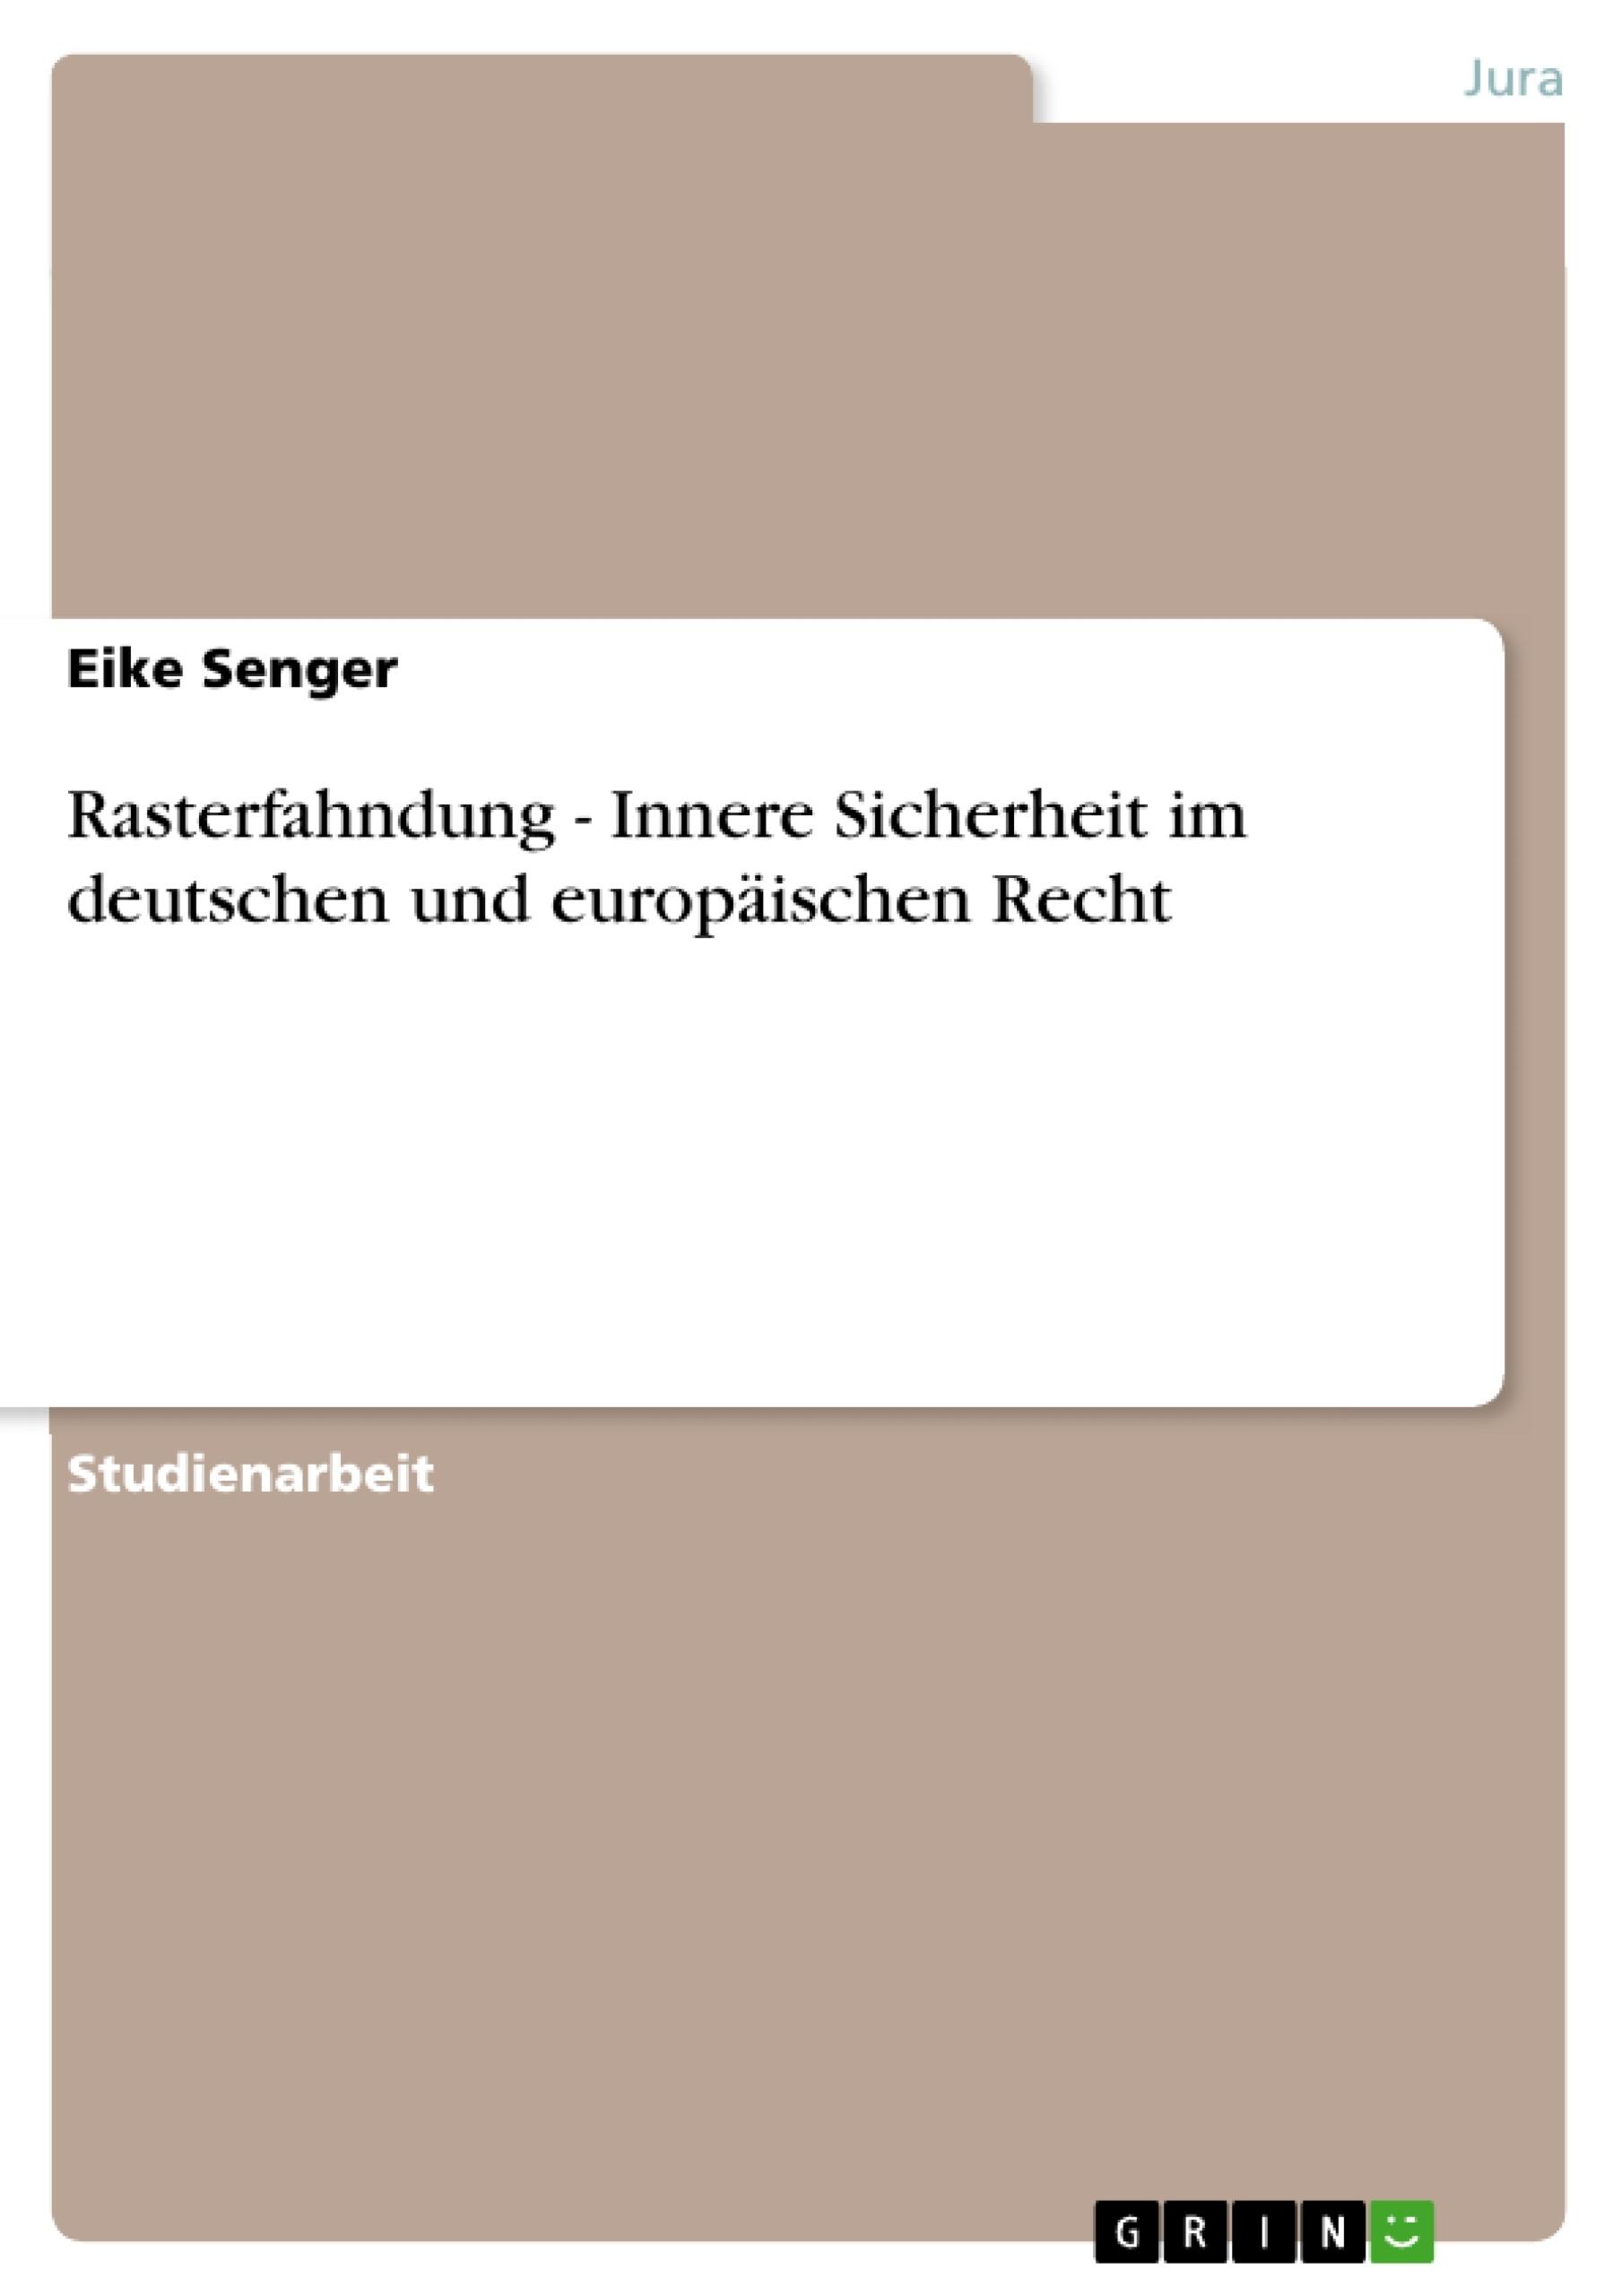 Titel: Rasterfahndung - Innere Sicherheit im deutschen und europäischen Recht